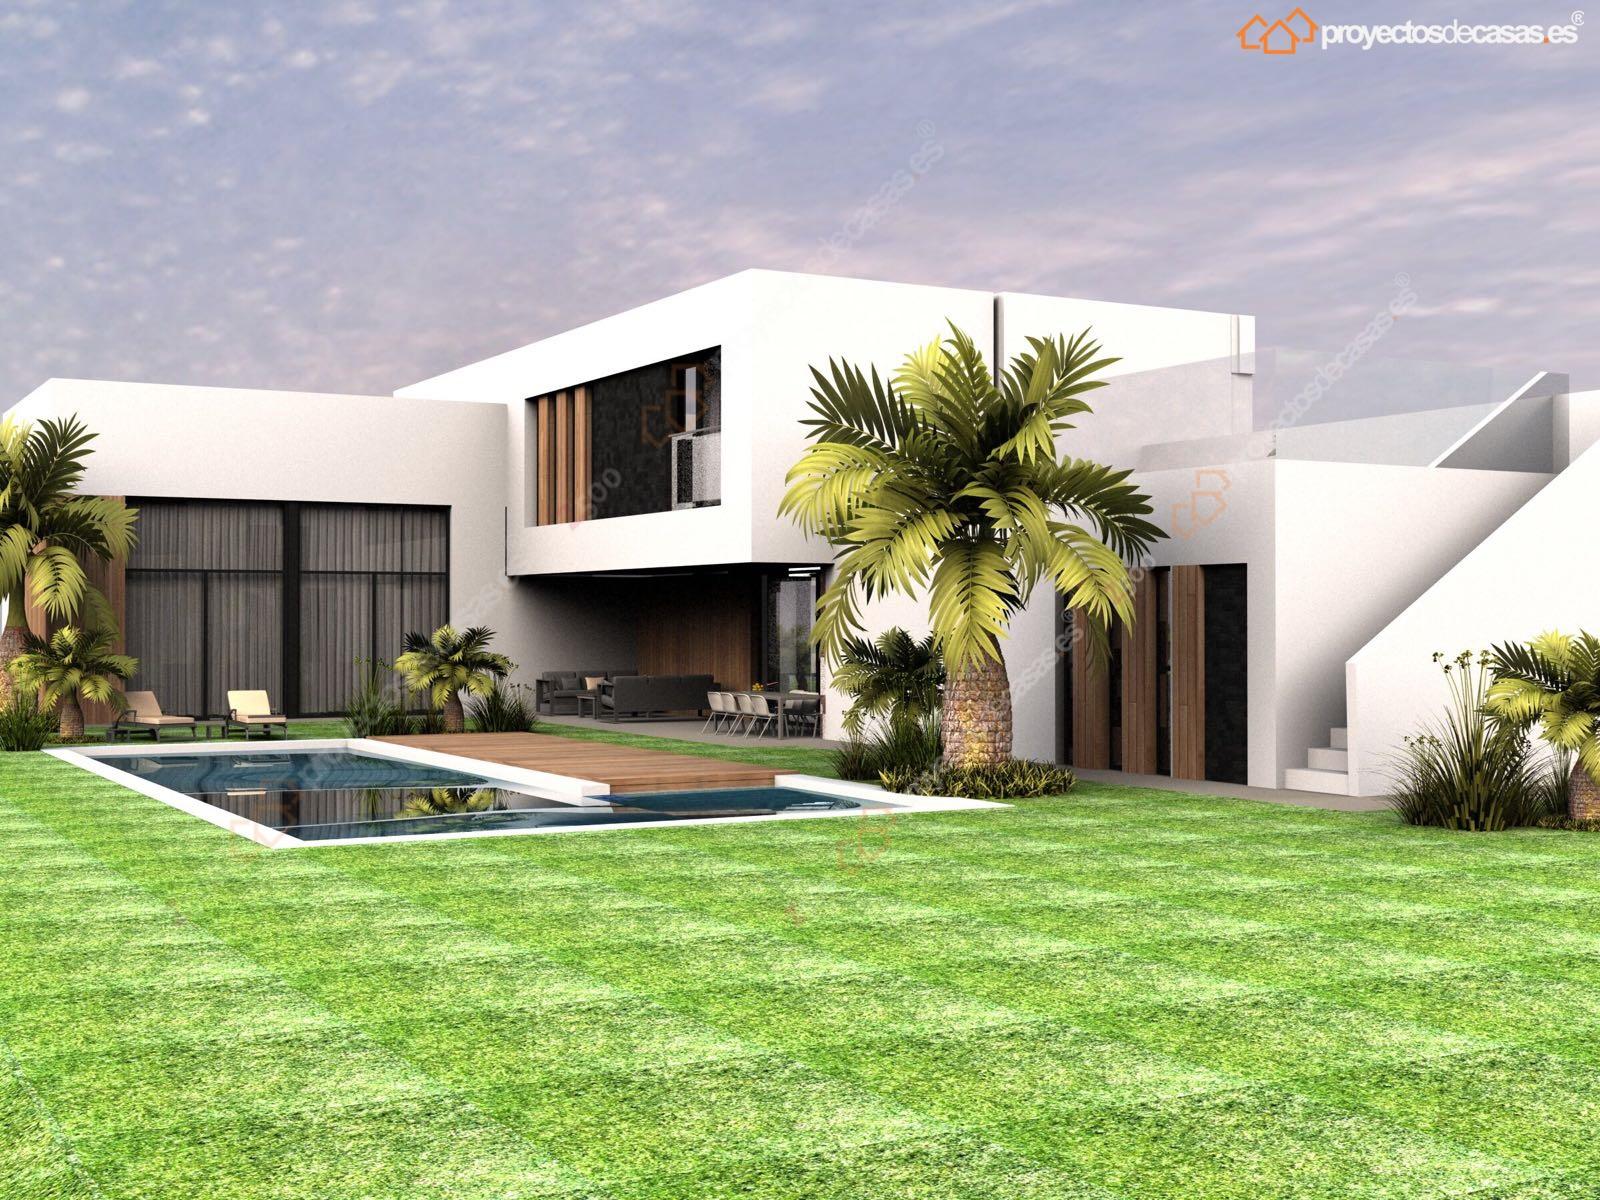 Proyectos de casas dise o y construcci n de casas modernas proyectosdecasas dise amos y - Casas en majadahonda ...